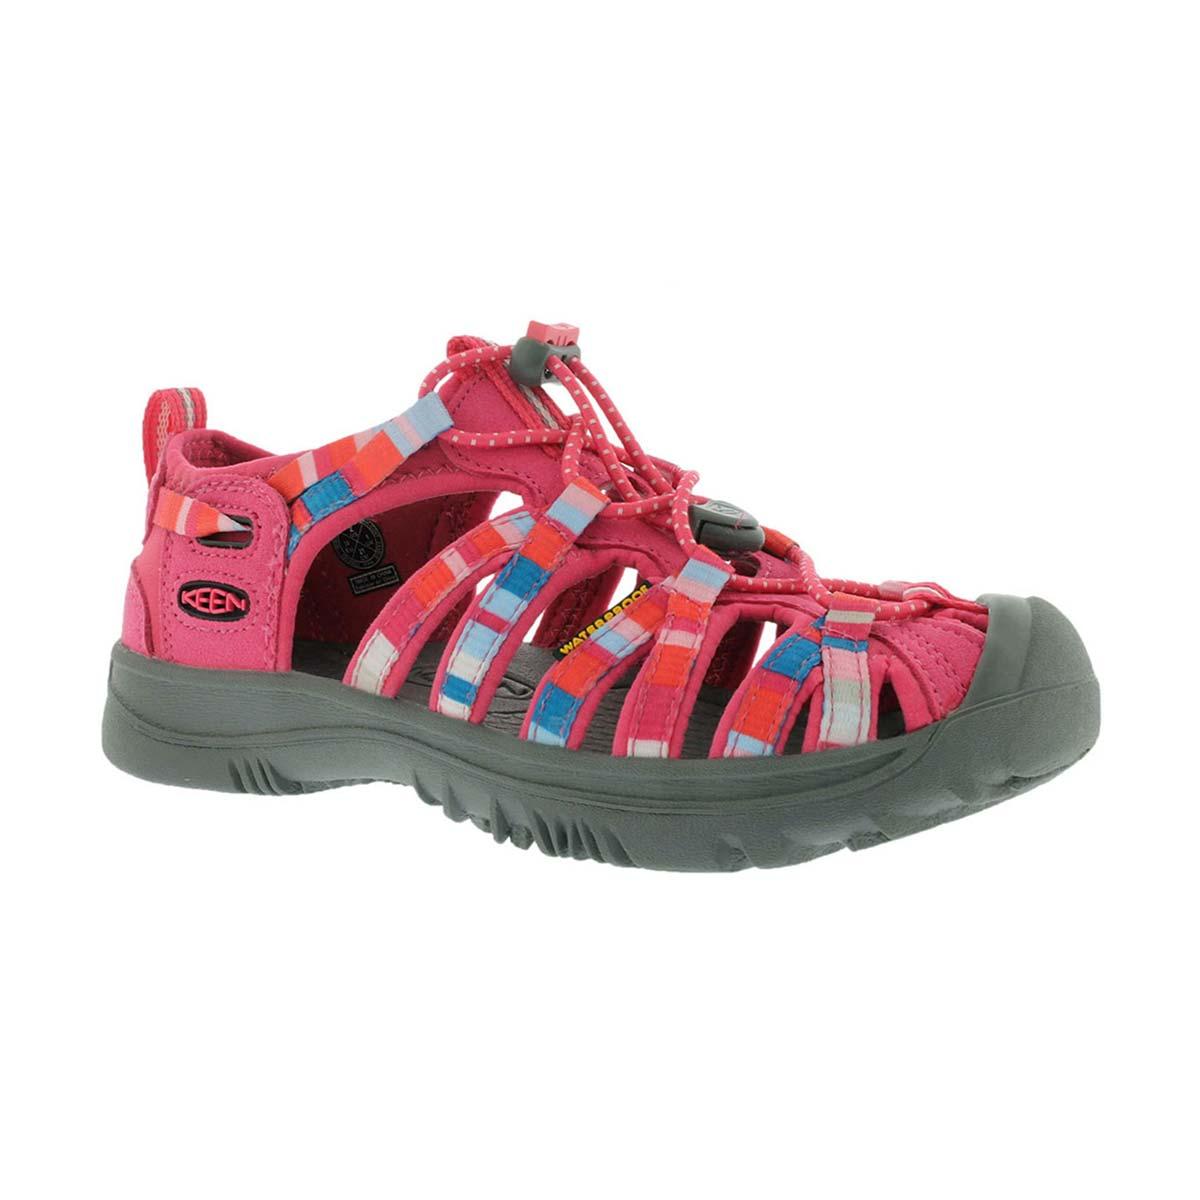 Girls' WHISPER honeysuckle sport sandals